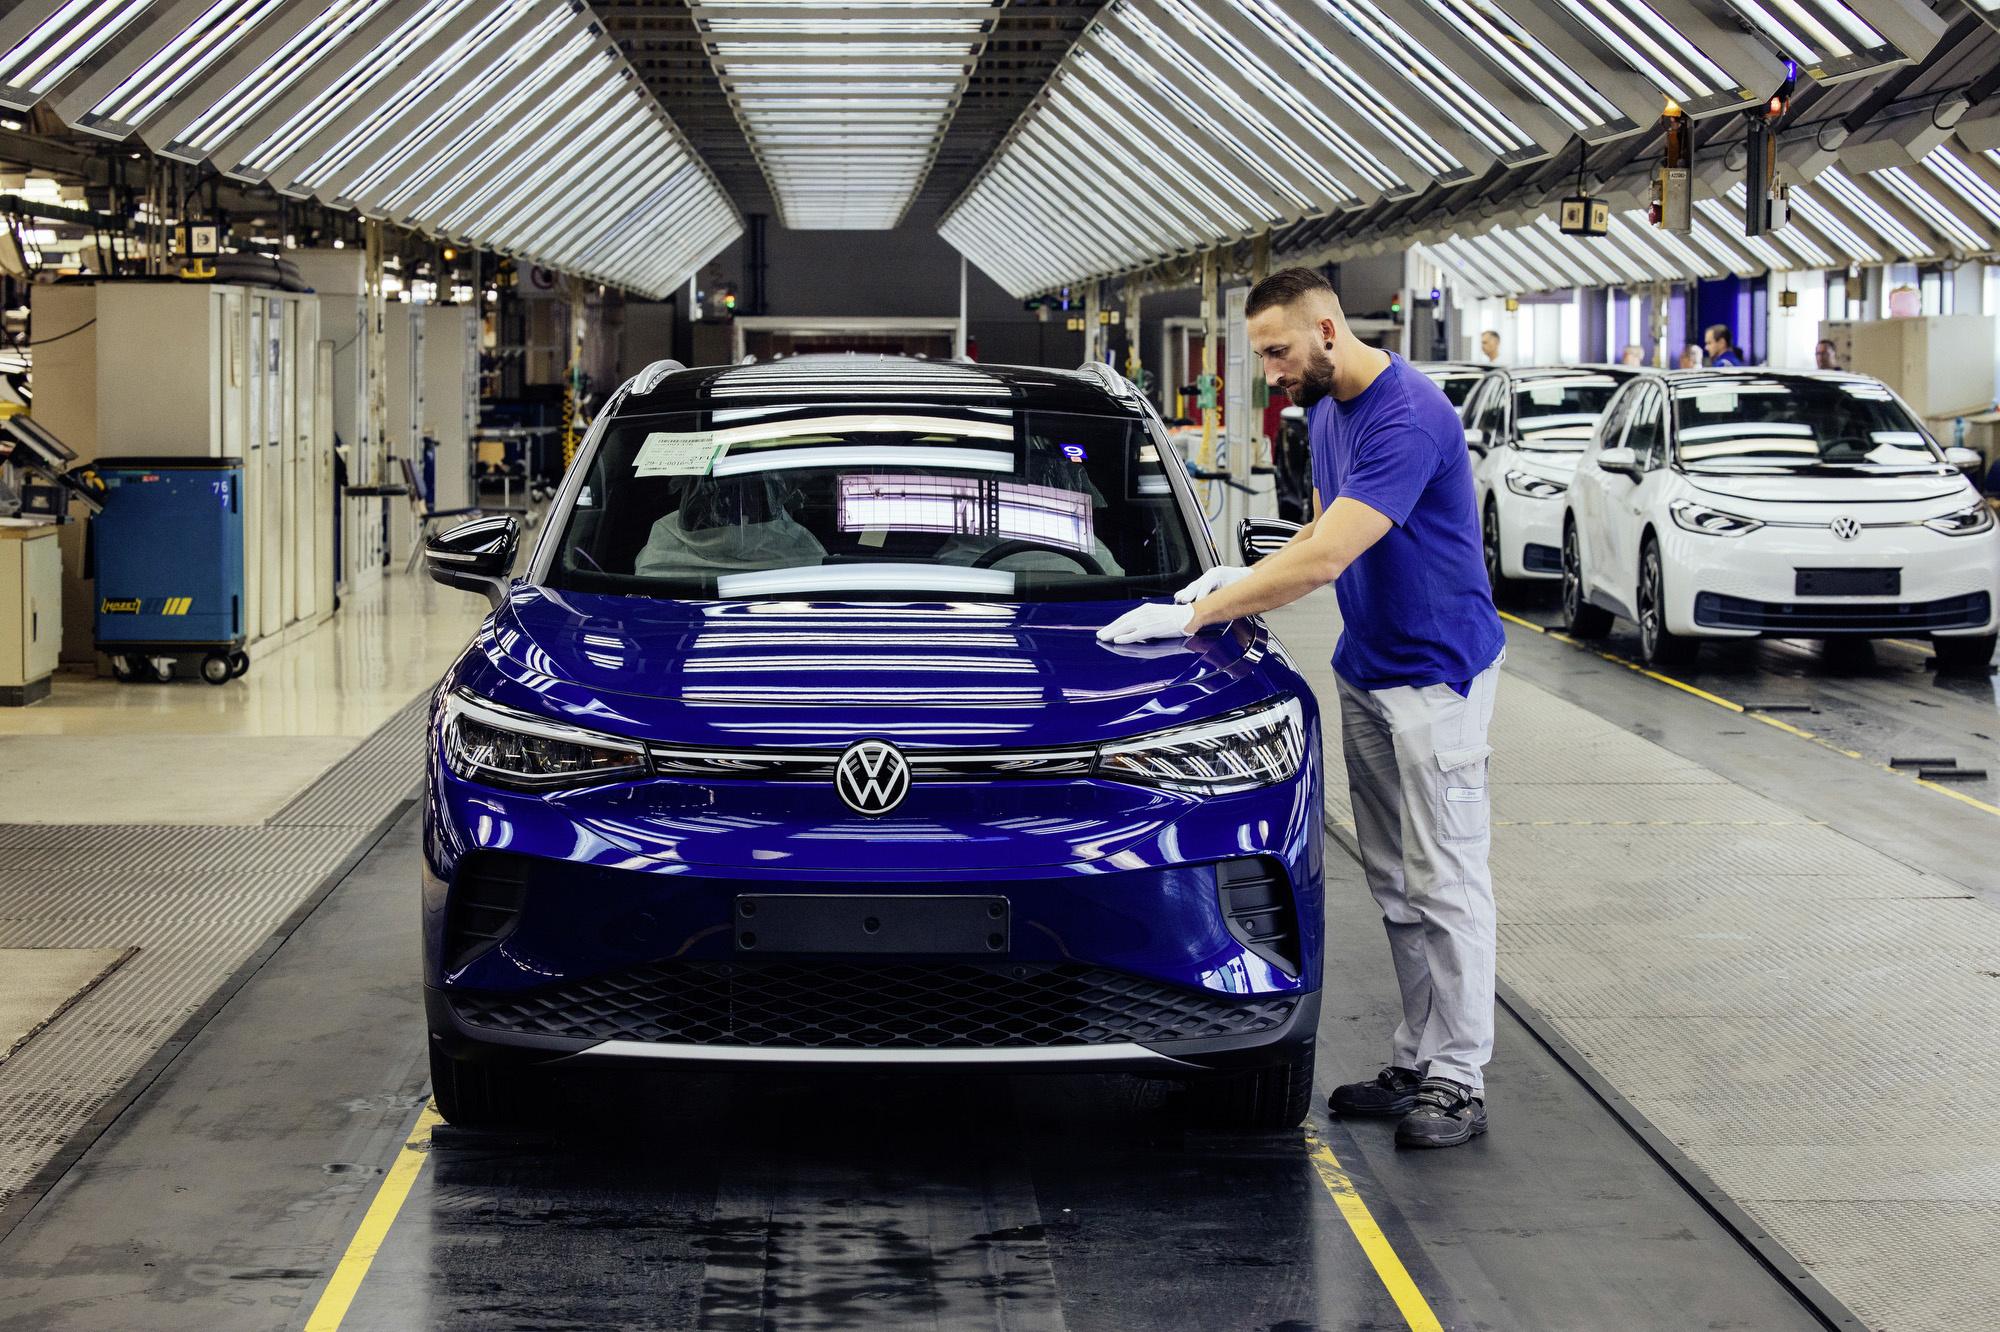 Produktion des VW ID4 / ID Crozz am 18.09.2020 bei Volkswagen Sachsen in Zwickau . Foto: Oliver Killig